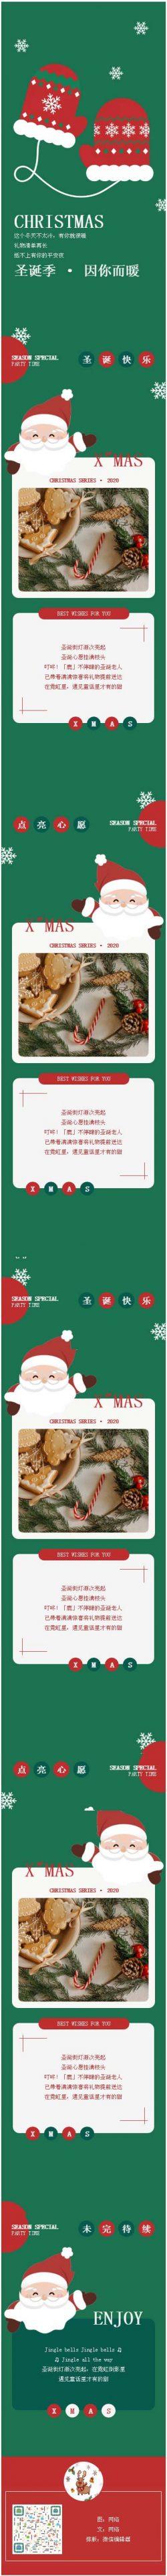 圣诞节MERRY CHRISTMAS绿色背景图微信公众号模板圣诞老人推文素材推送文章